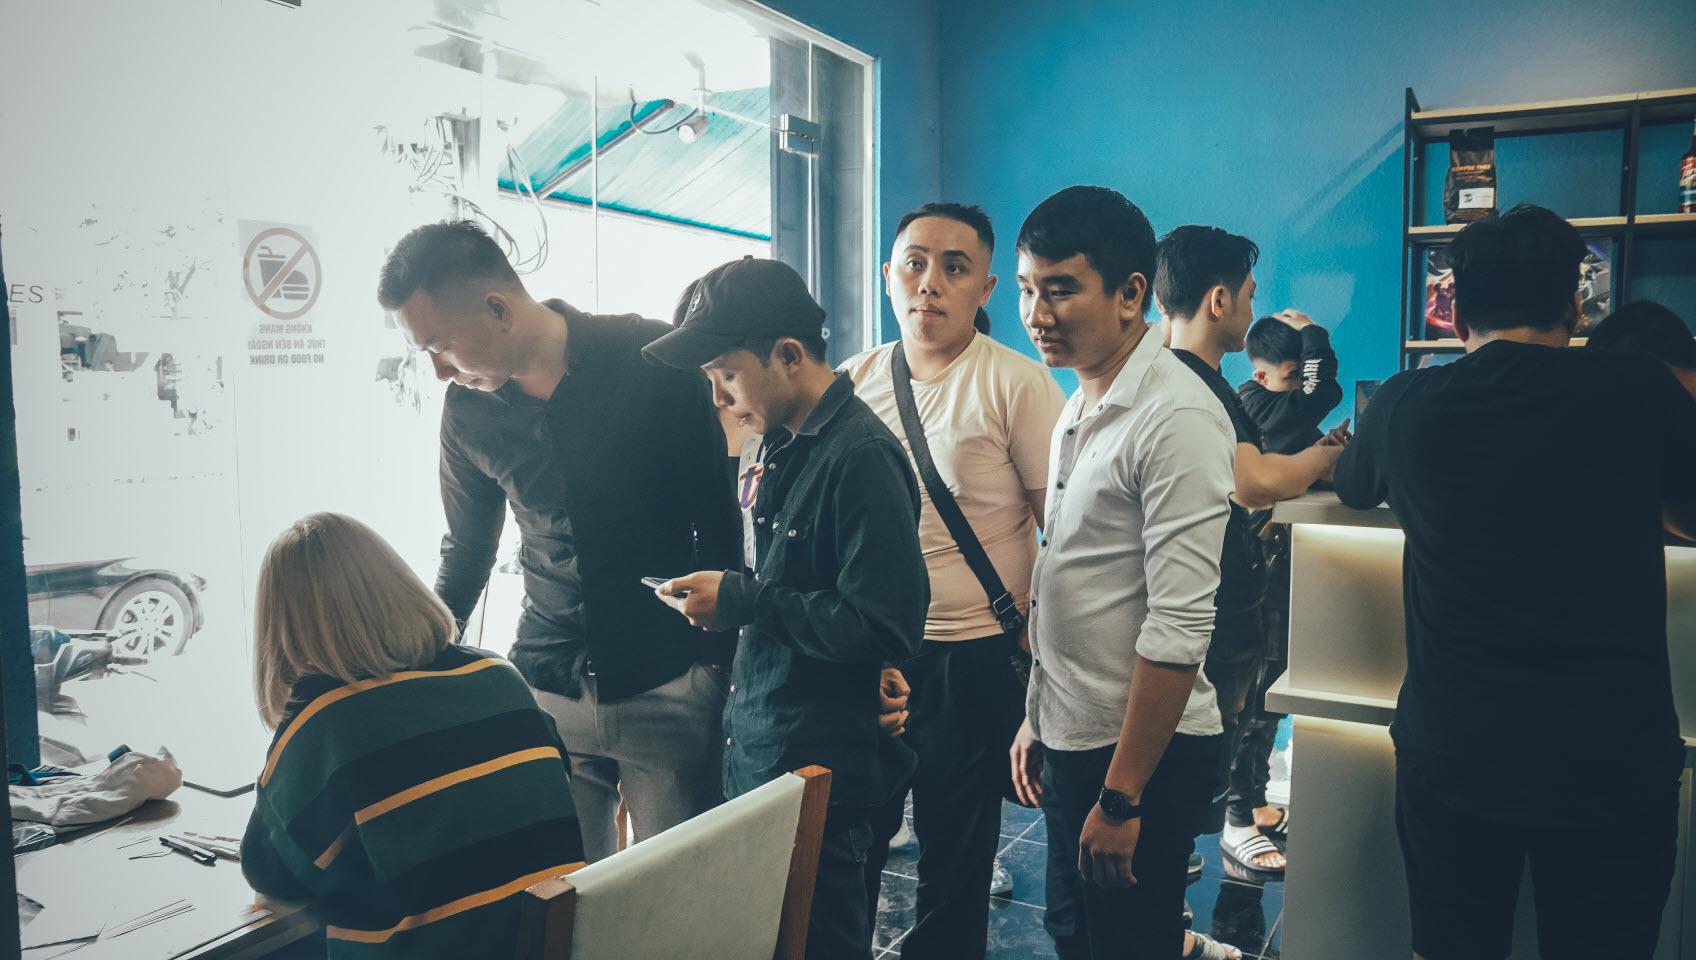 Cộng đồng Rules of Survival tổ chức offline mừng sinh nhật tại Hồ Chí Minh 2